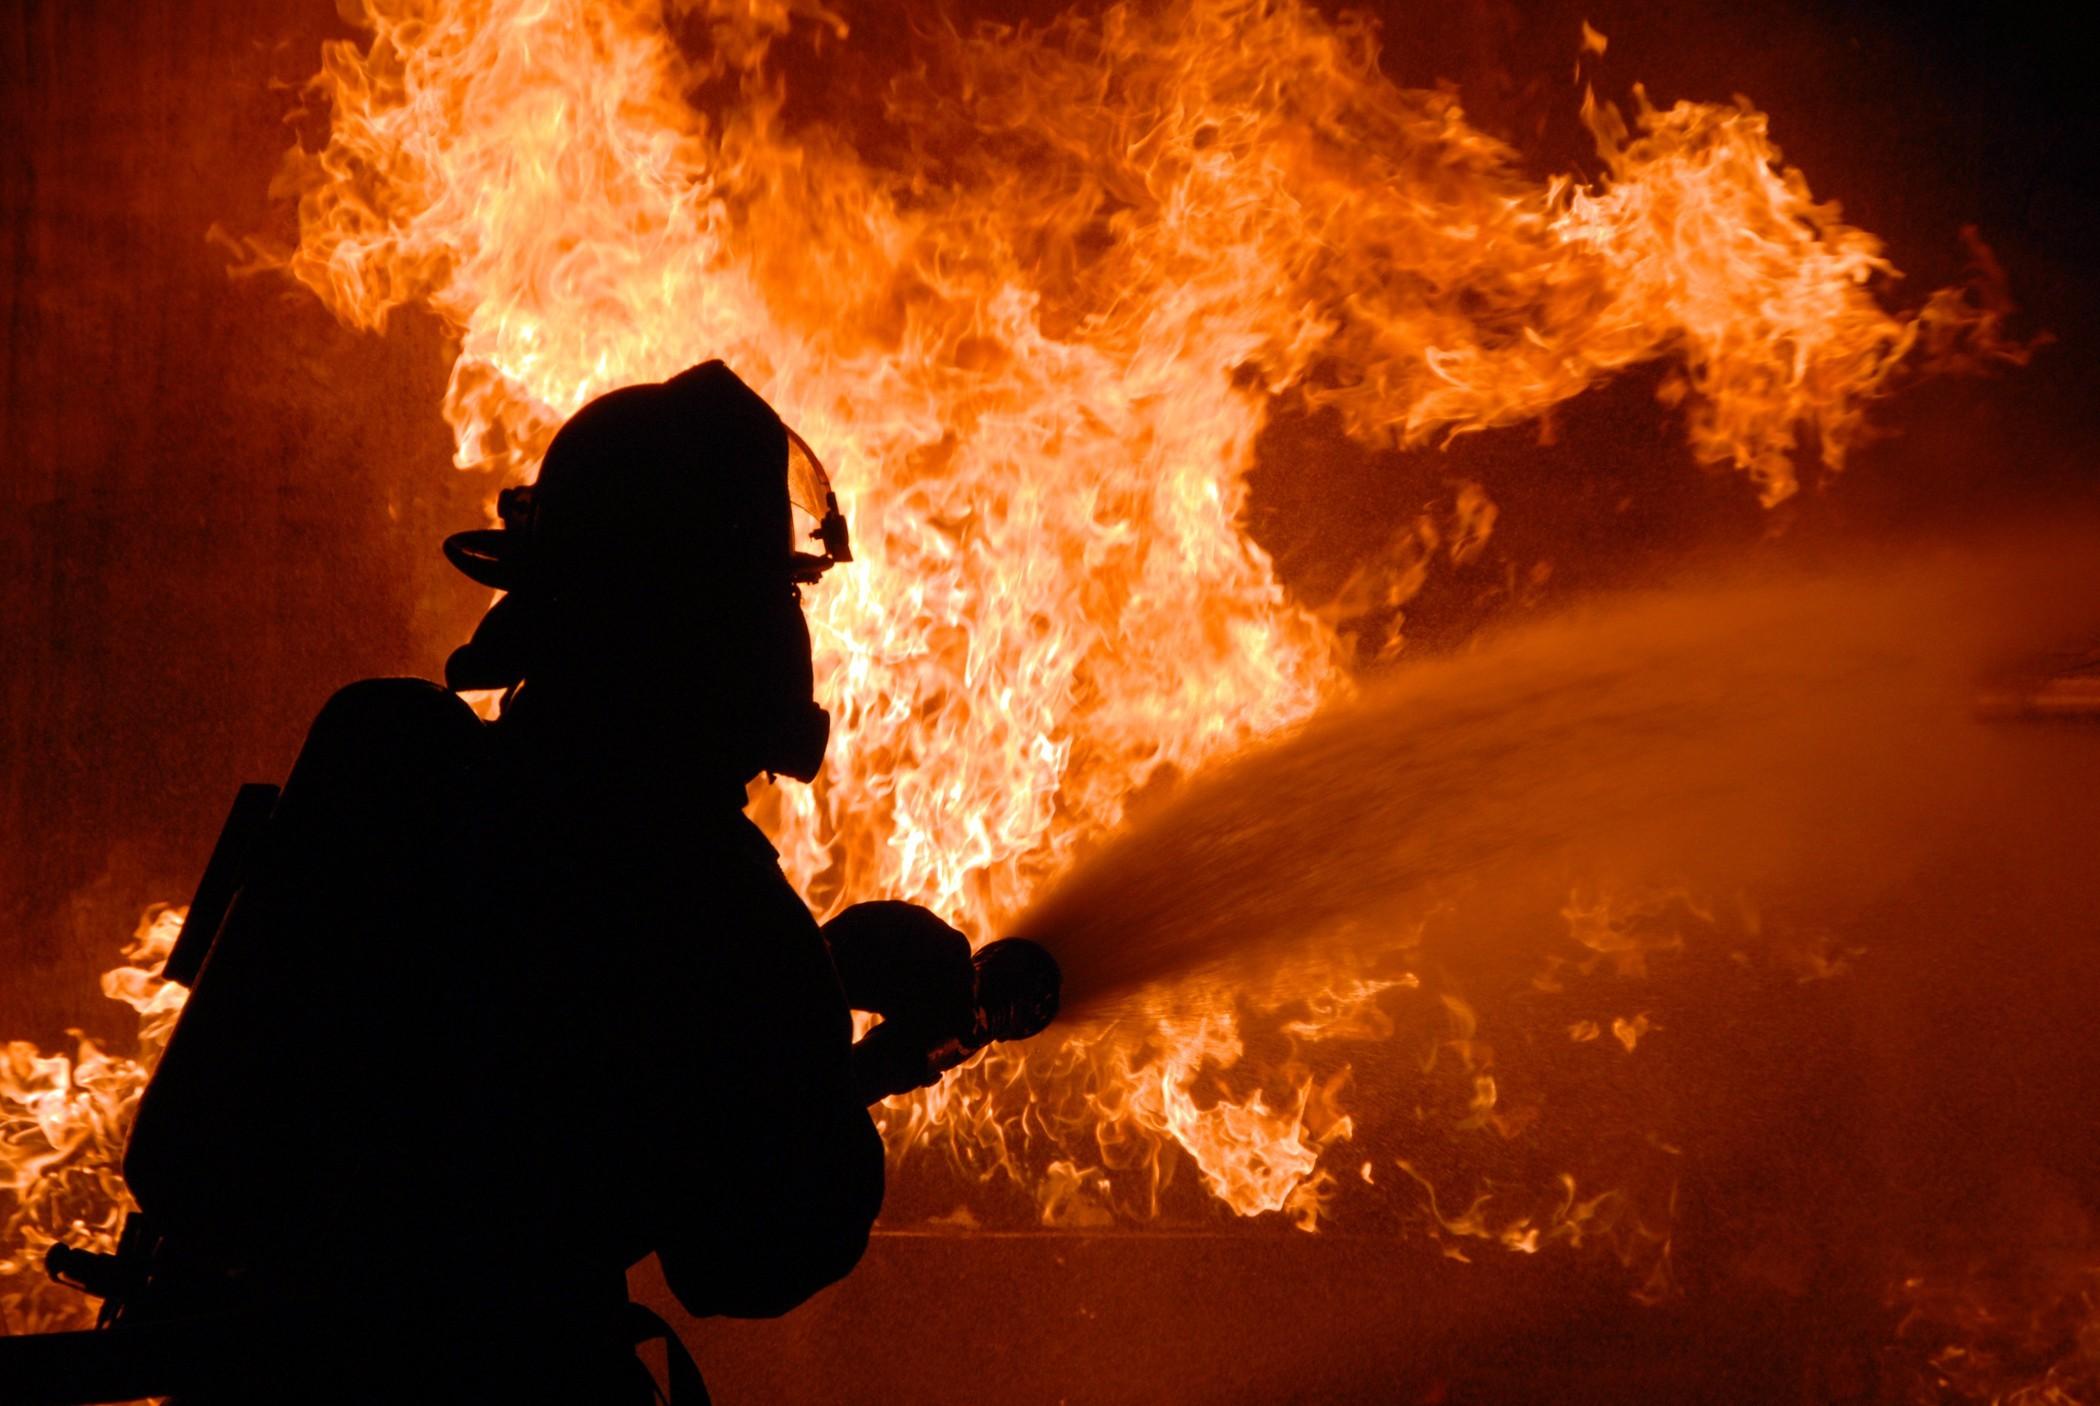 Вцентральной части Москвы эвакуировали 350 человек из-за пожара вофисном помещении